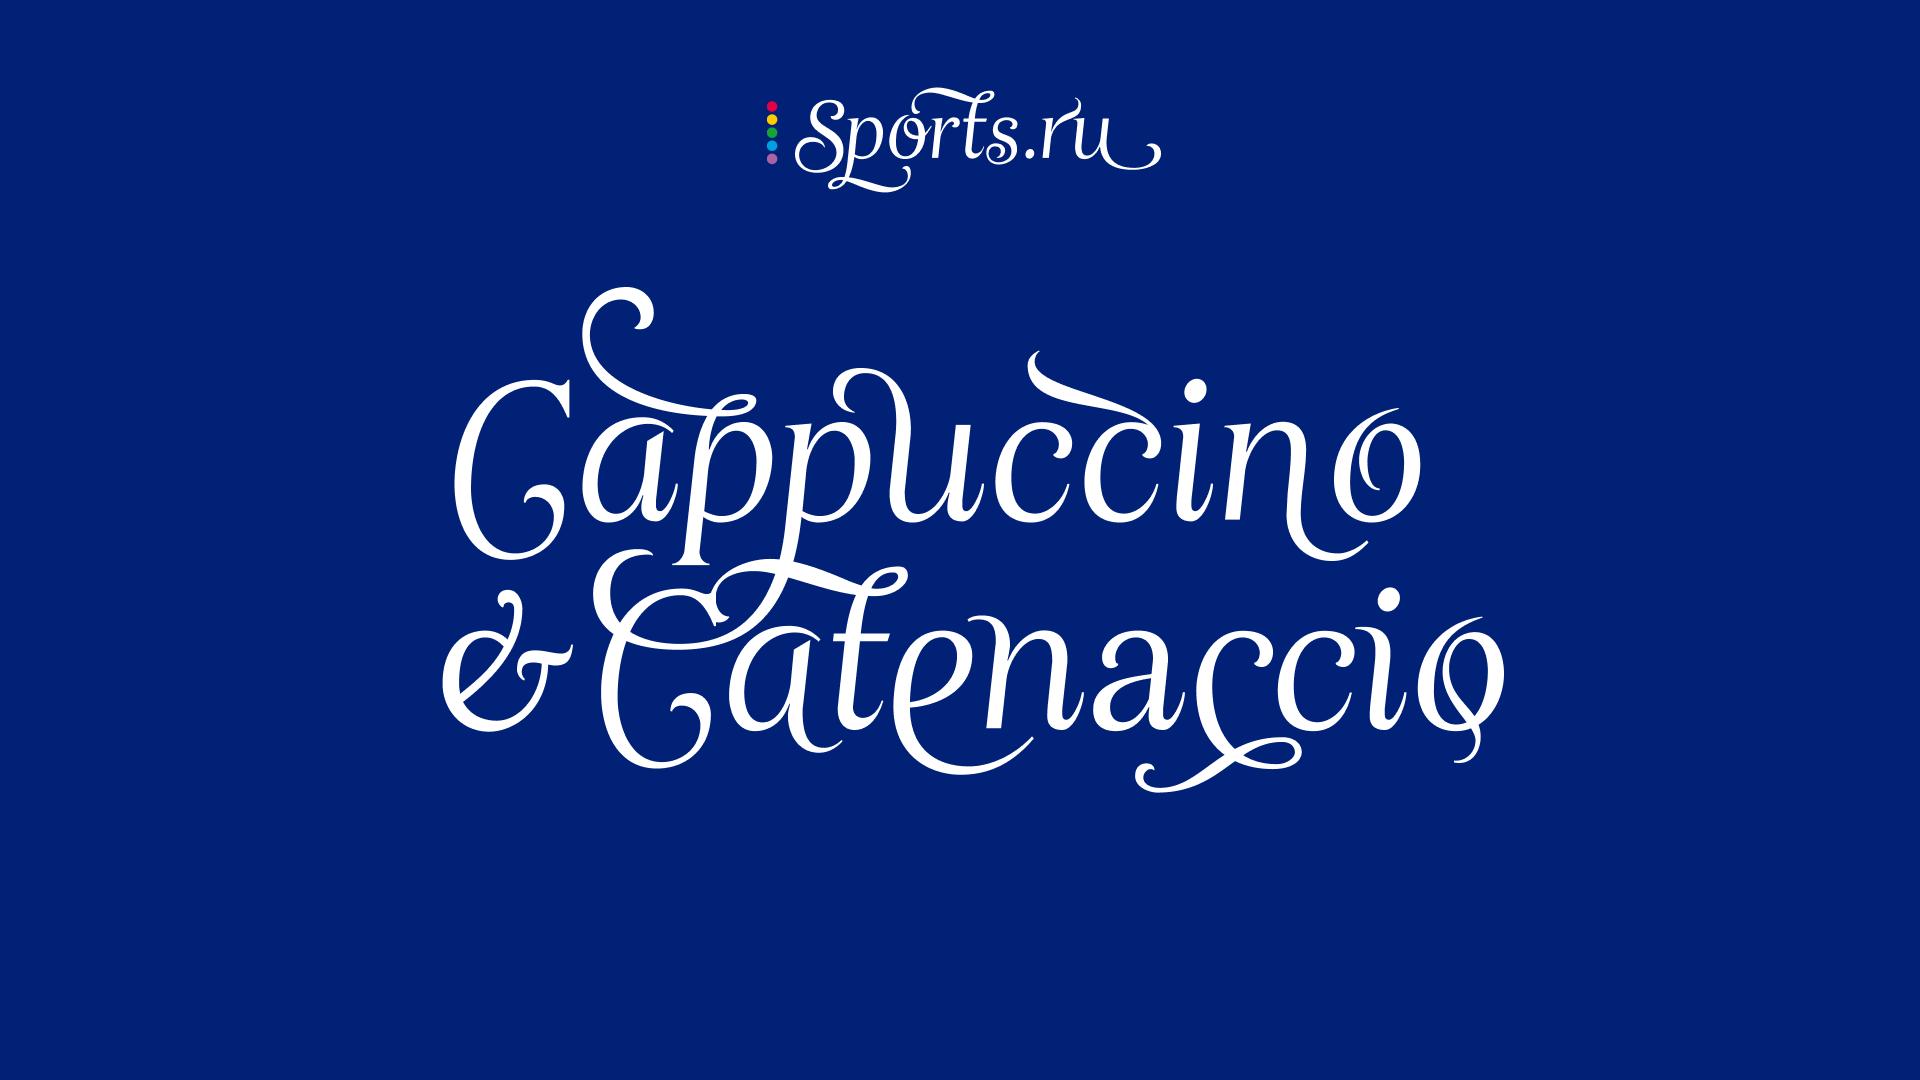 Роналдиньо, Барселона, Висенте Дель Боске, Лионель Месси, Подкаст Cappuccino & Catenaccio